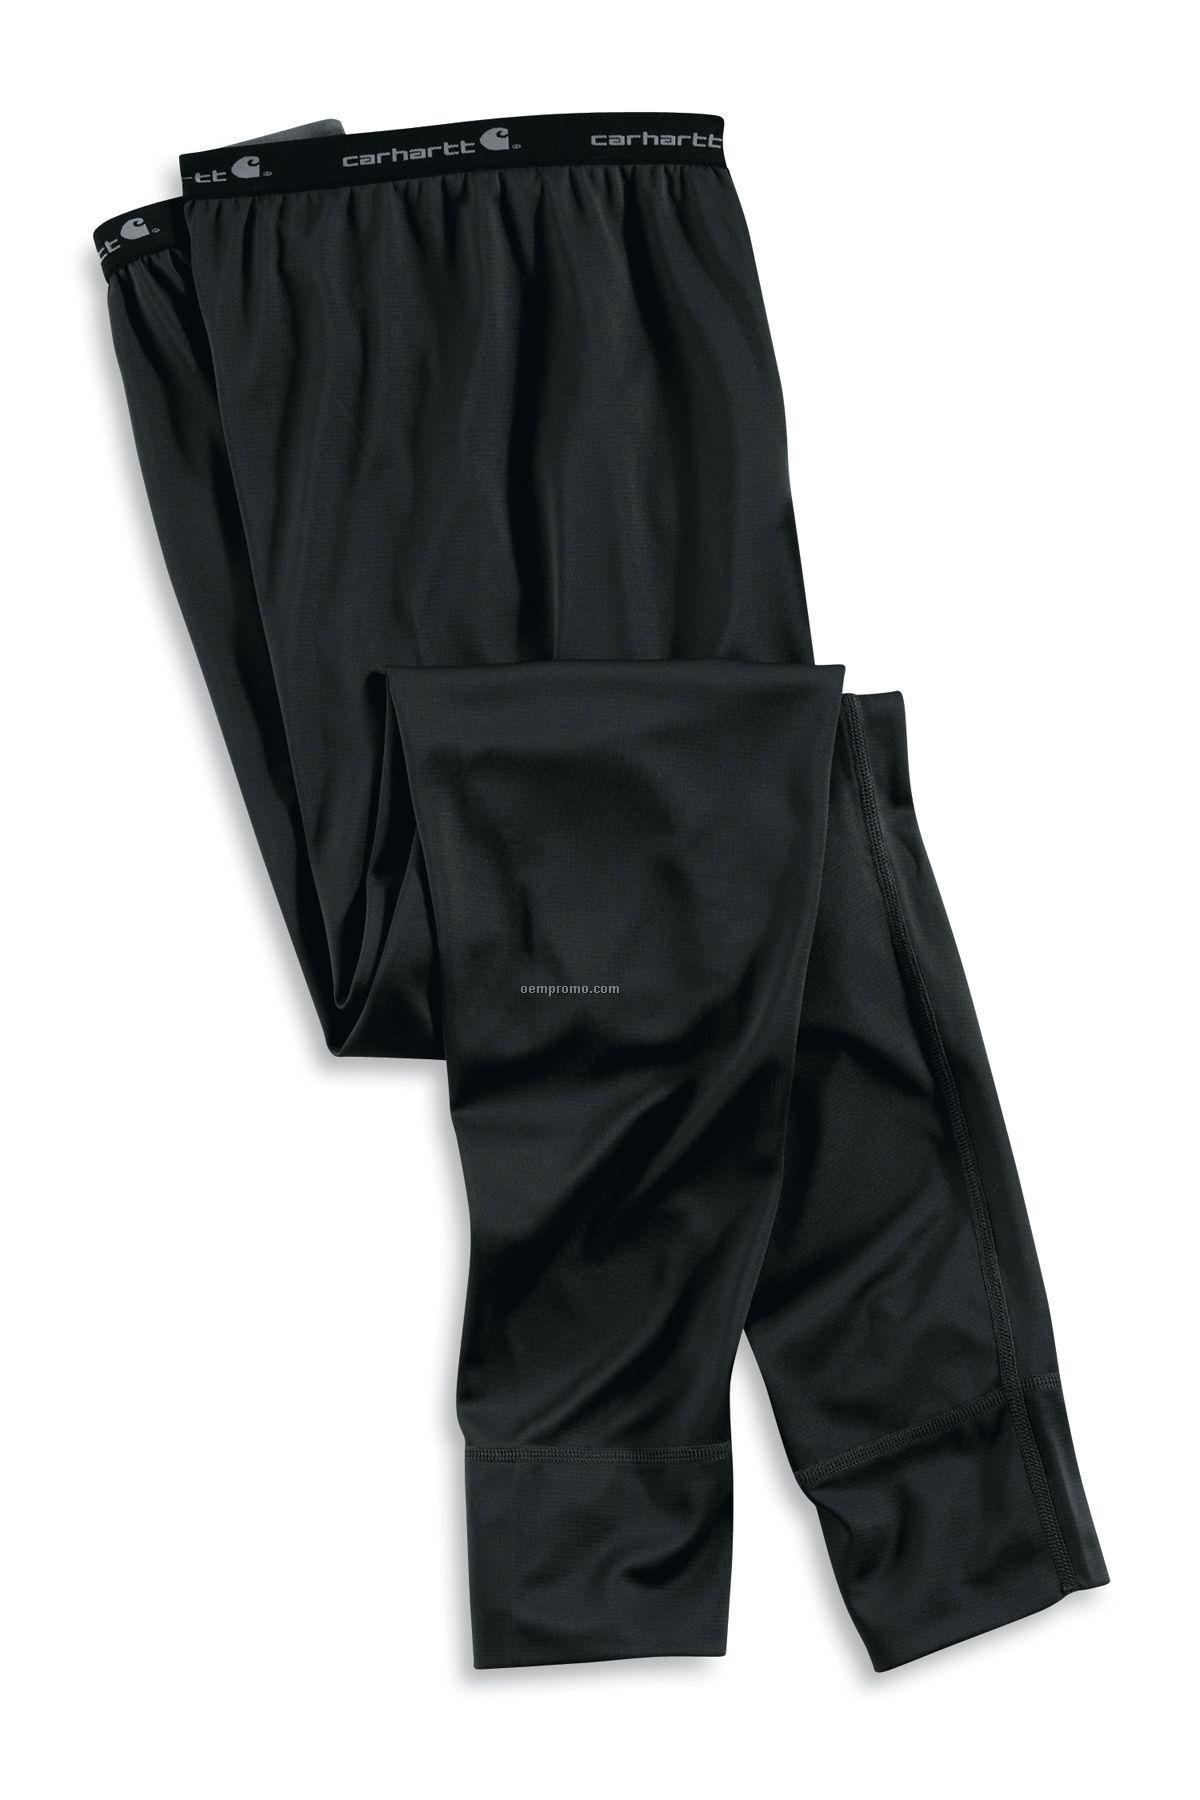 Carhartt Women's Lightweight Thermal Underwear Bottom W/Work Dry Base Layer